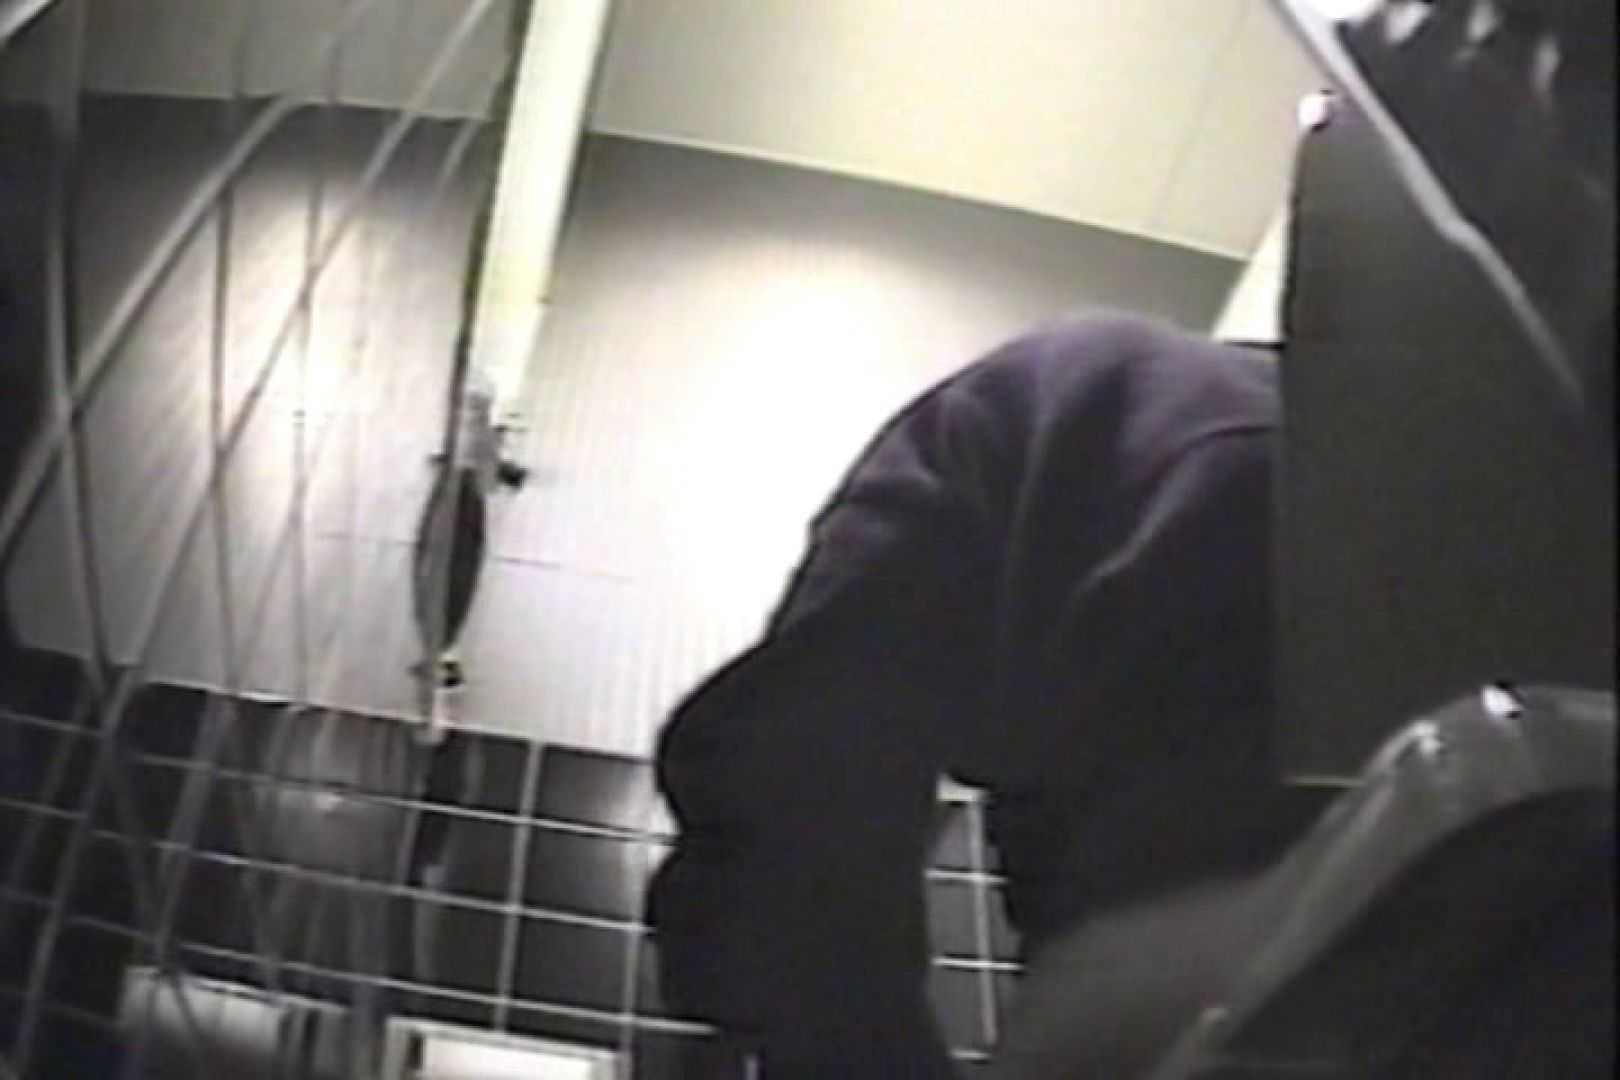 盗撮 女子洗面所3ヶ所入ってしゃがんで音出して プライベート オマンコ無修正動画無料 82枚